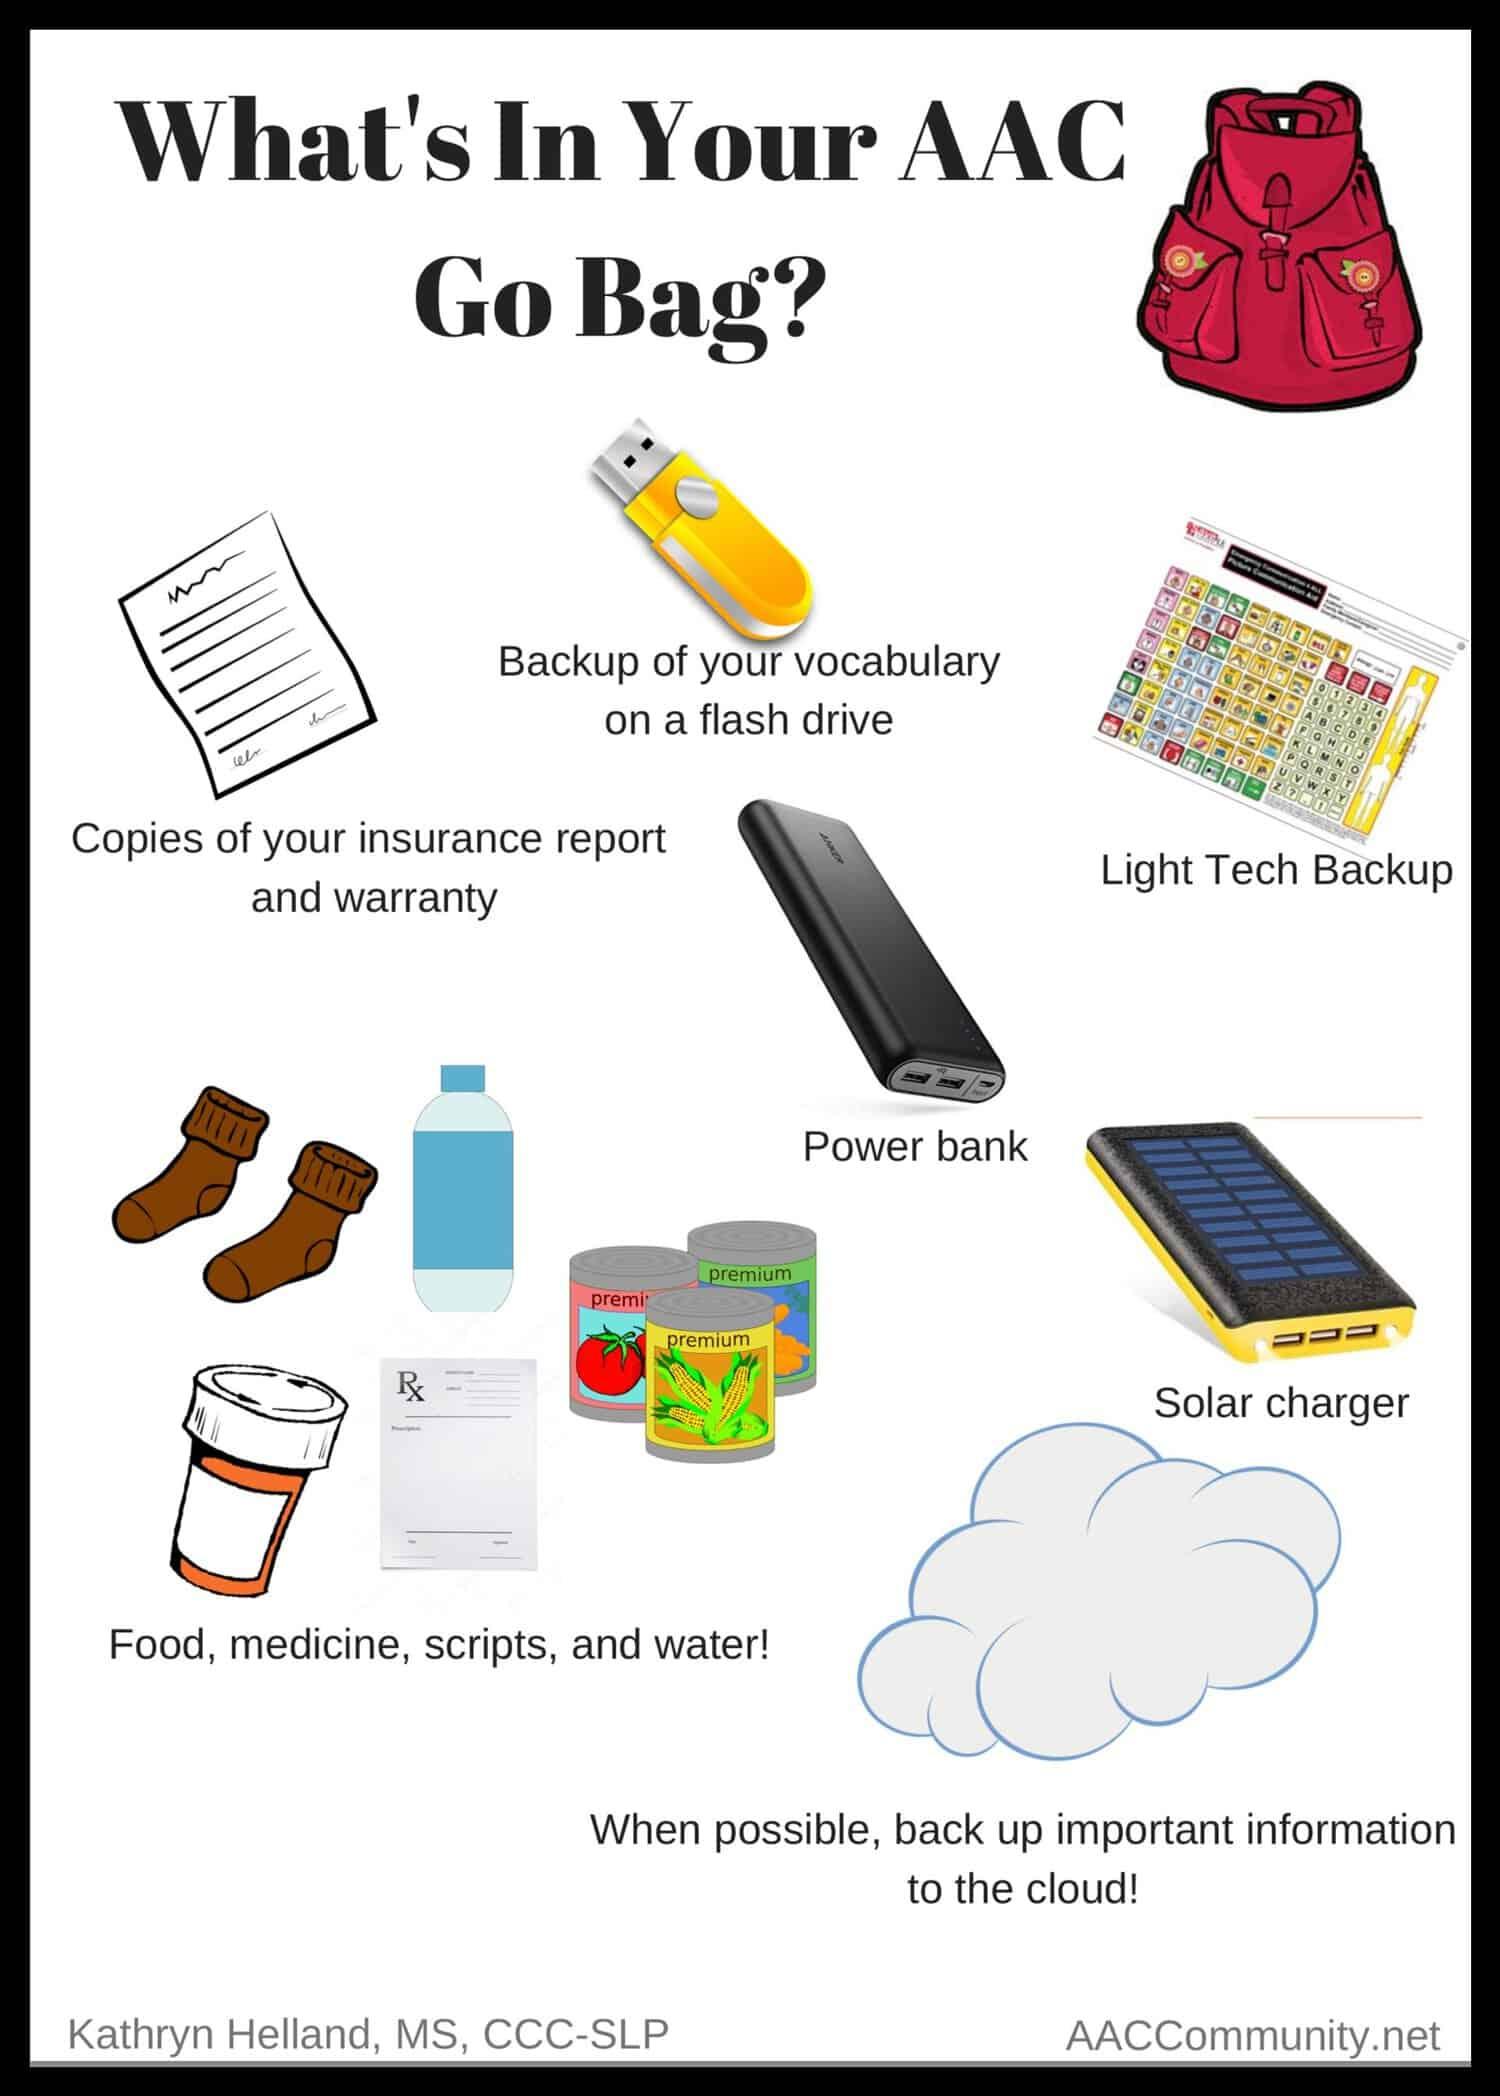 Go Bag items for AAC List